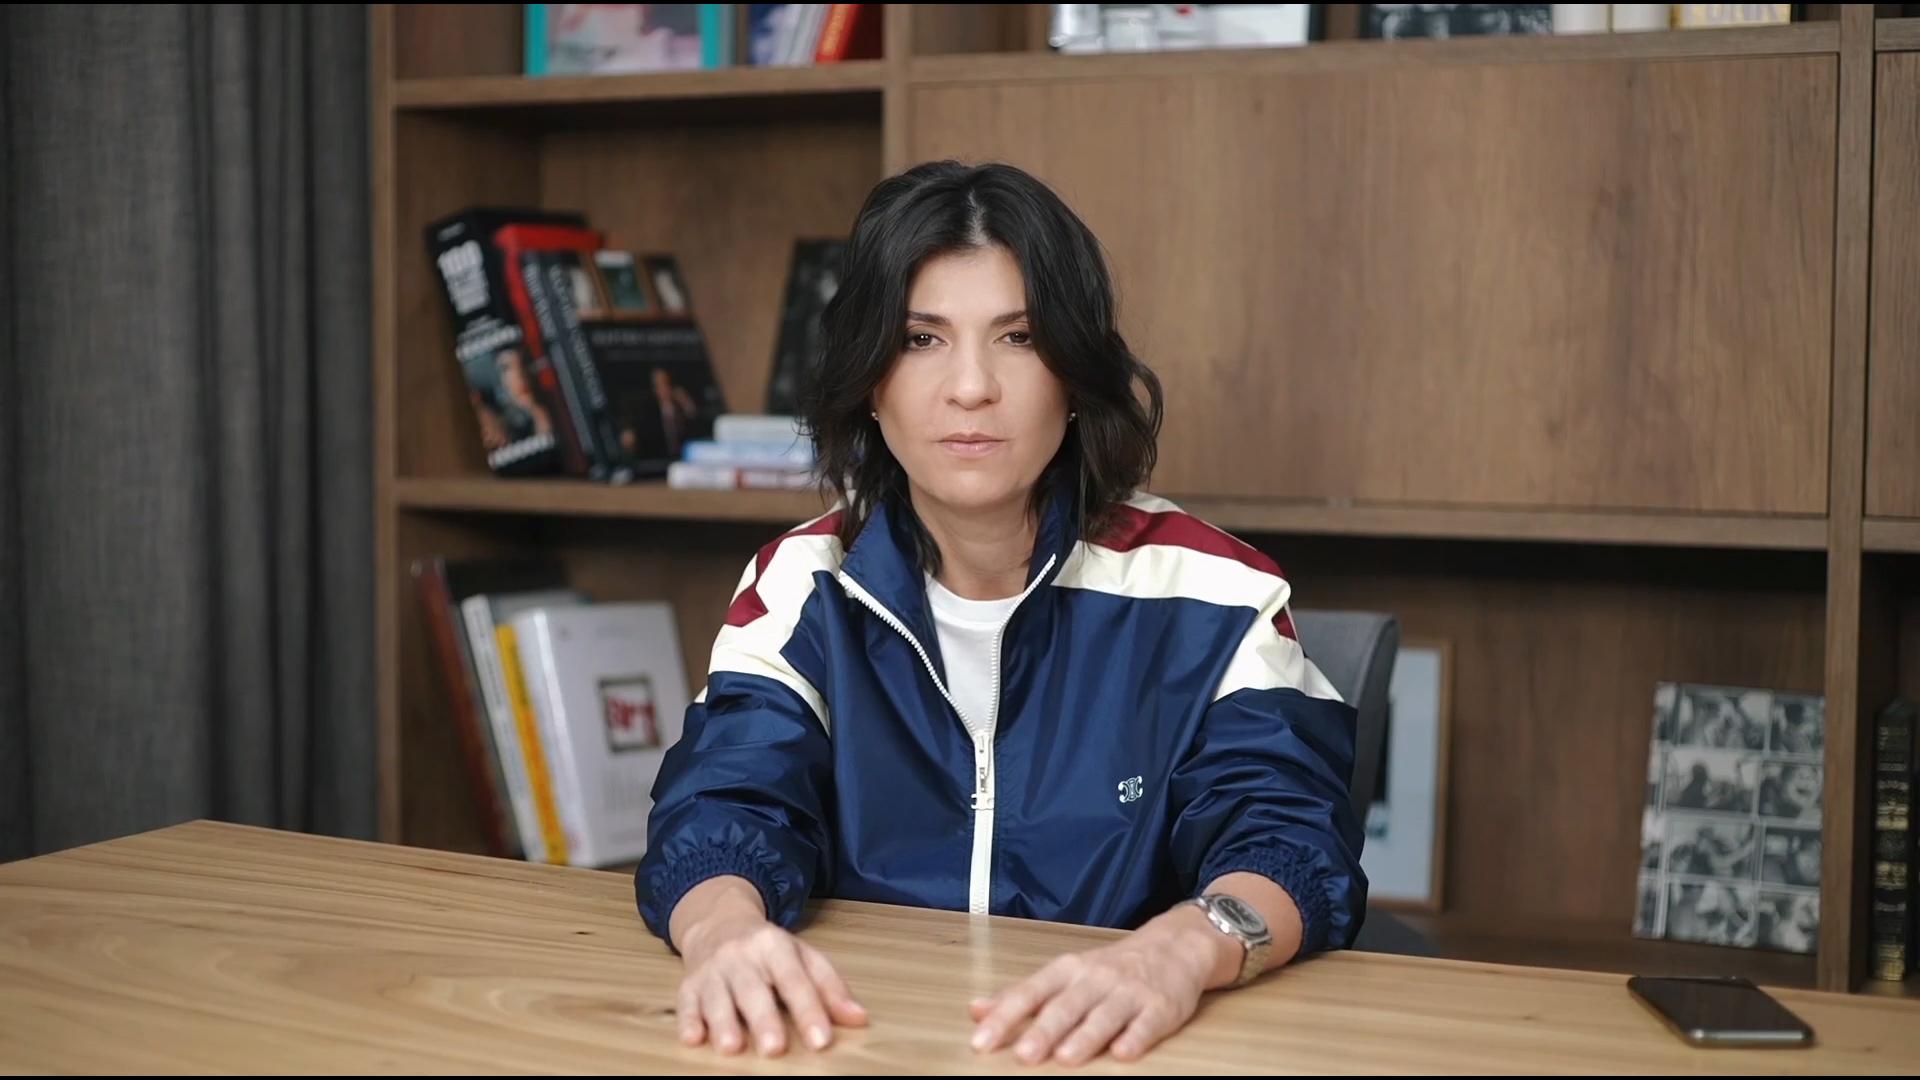 Добавила огня: Экс-продюсер Лободы объяснила Киркорову фразы про цирк уродов и пустить на шашлыки